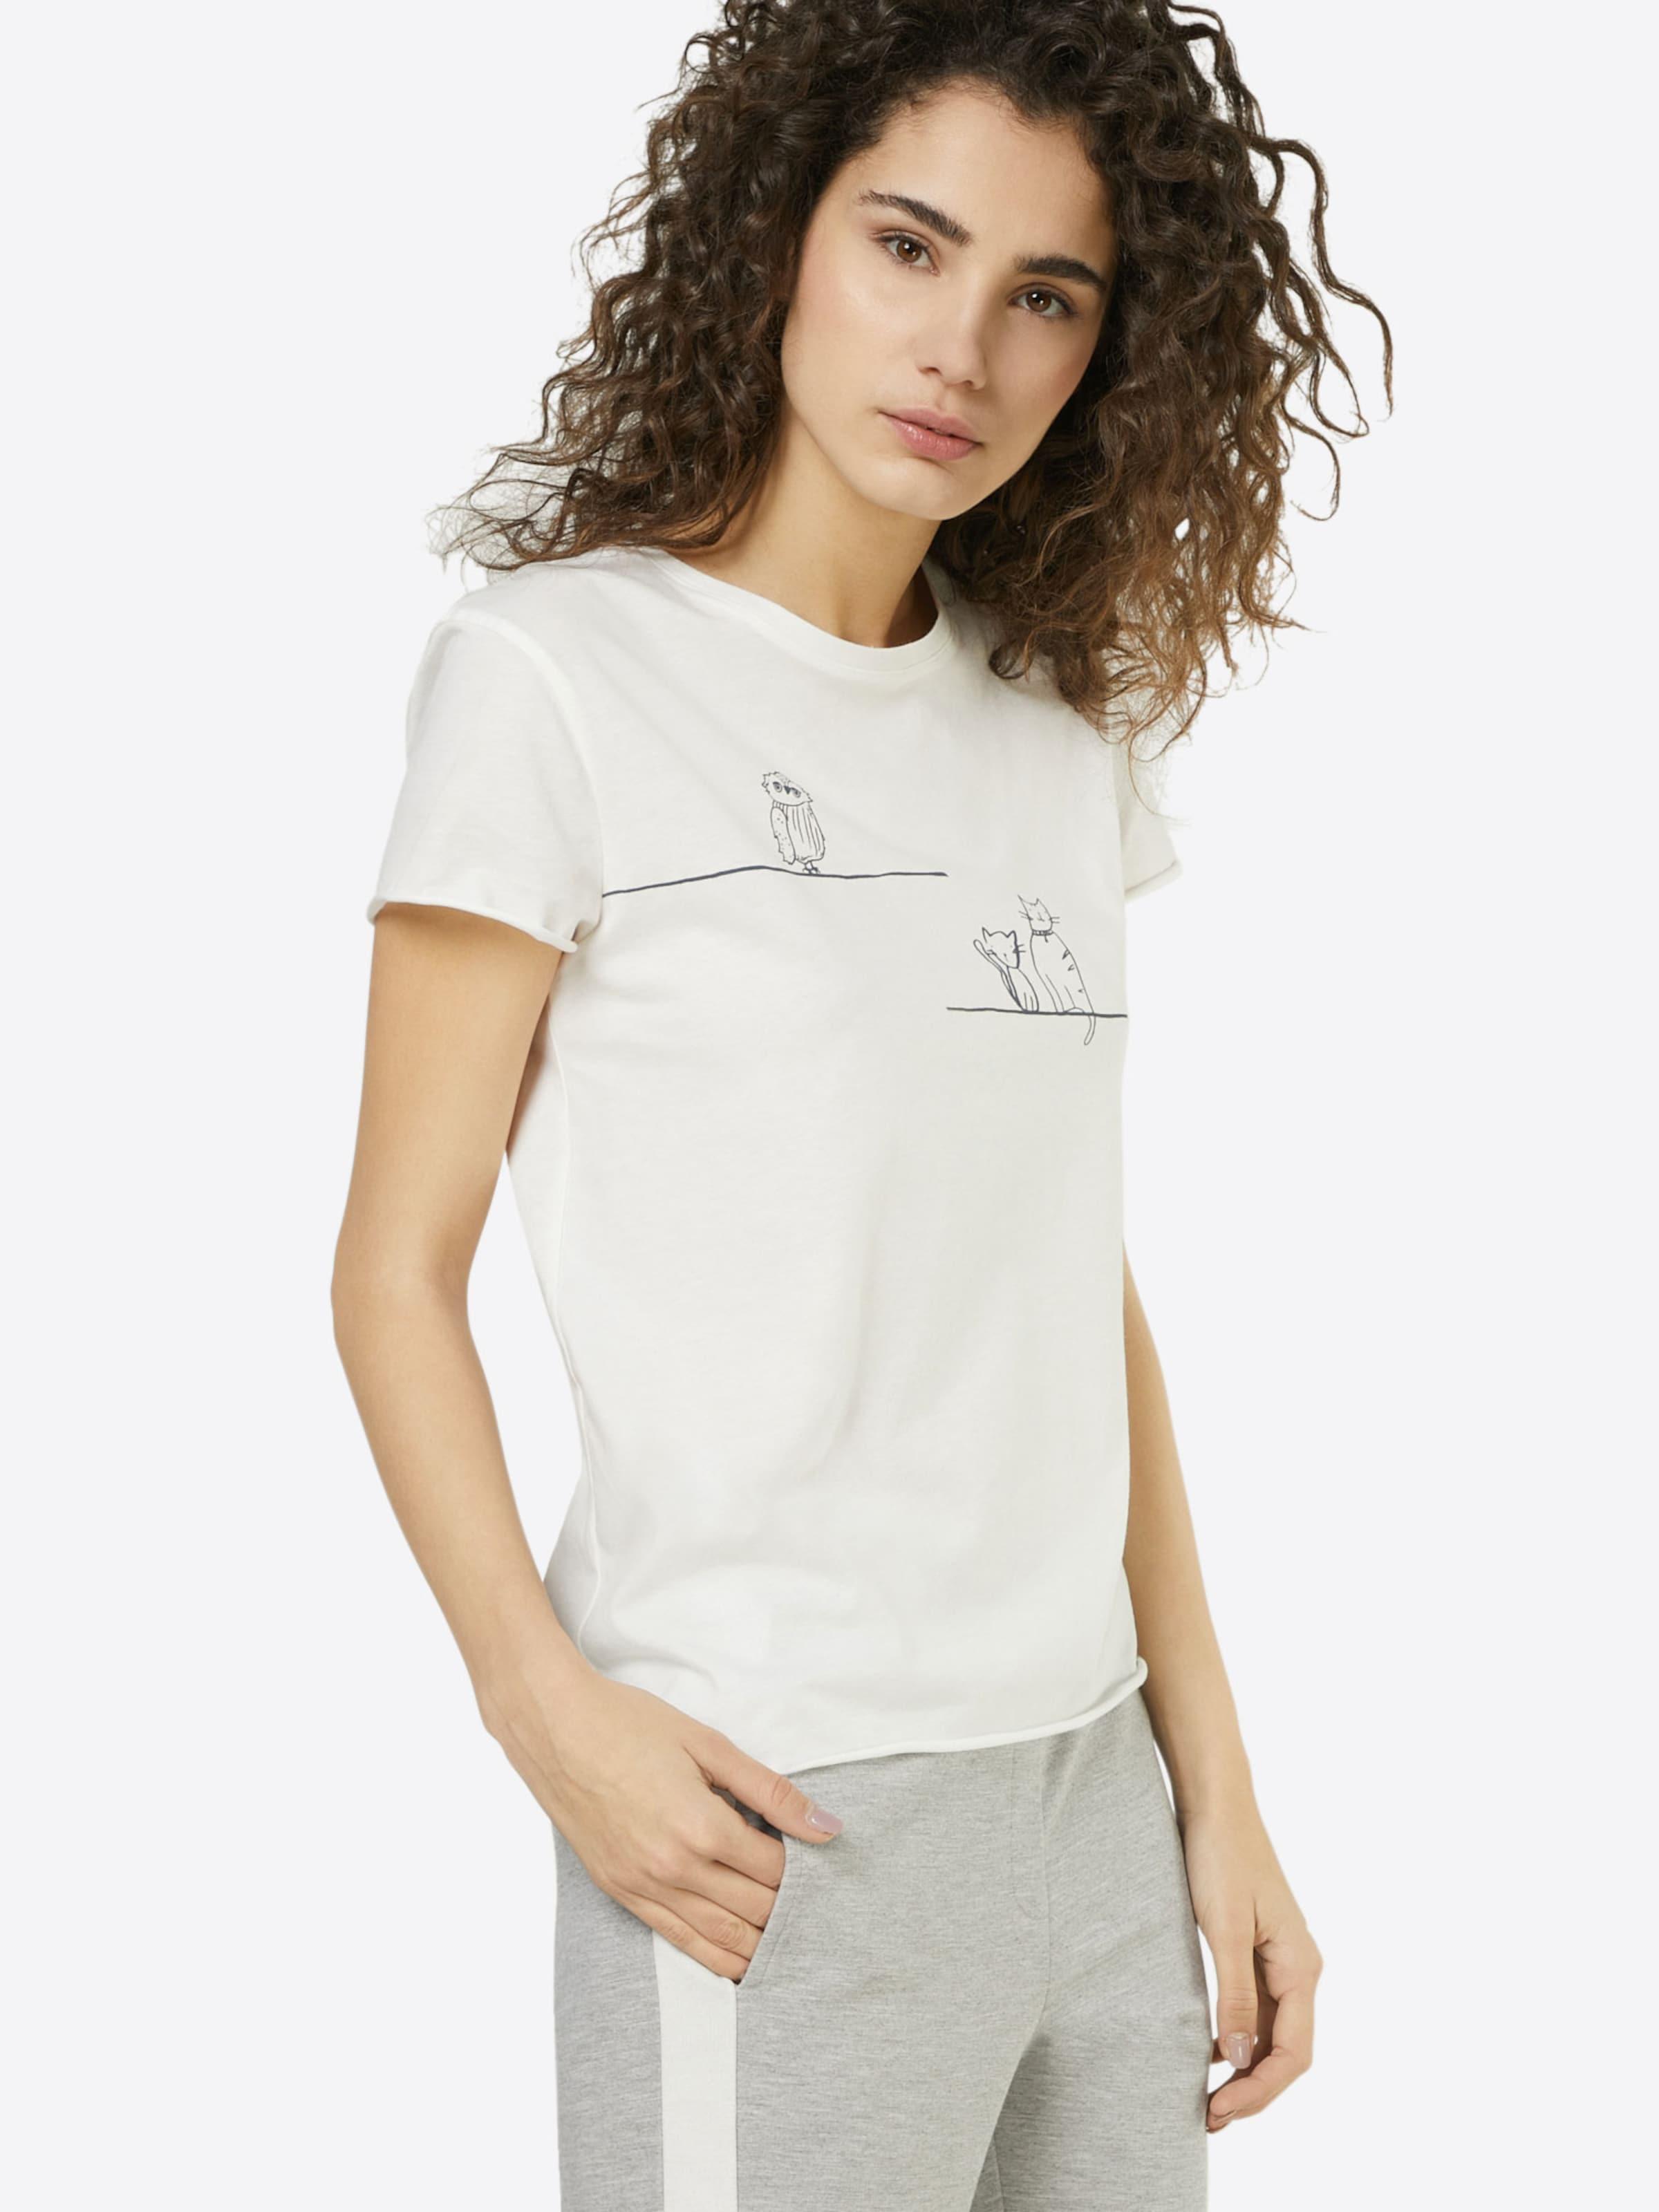 Billig Authentisch Mavi T-Shirt mit Illustration Verkauf Rabatte Freies Verschiffen Der Offizielle Website DHnSvTqOfT